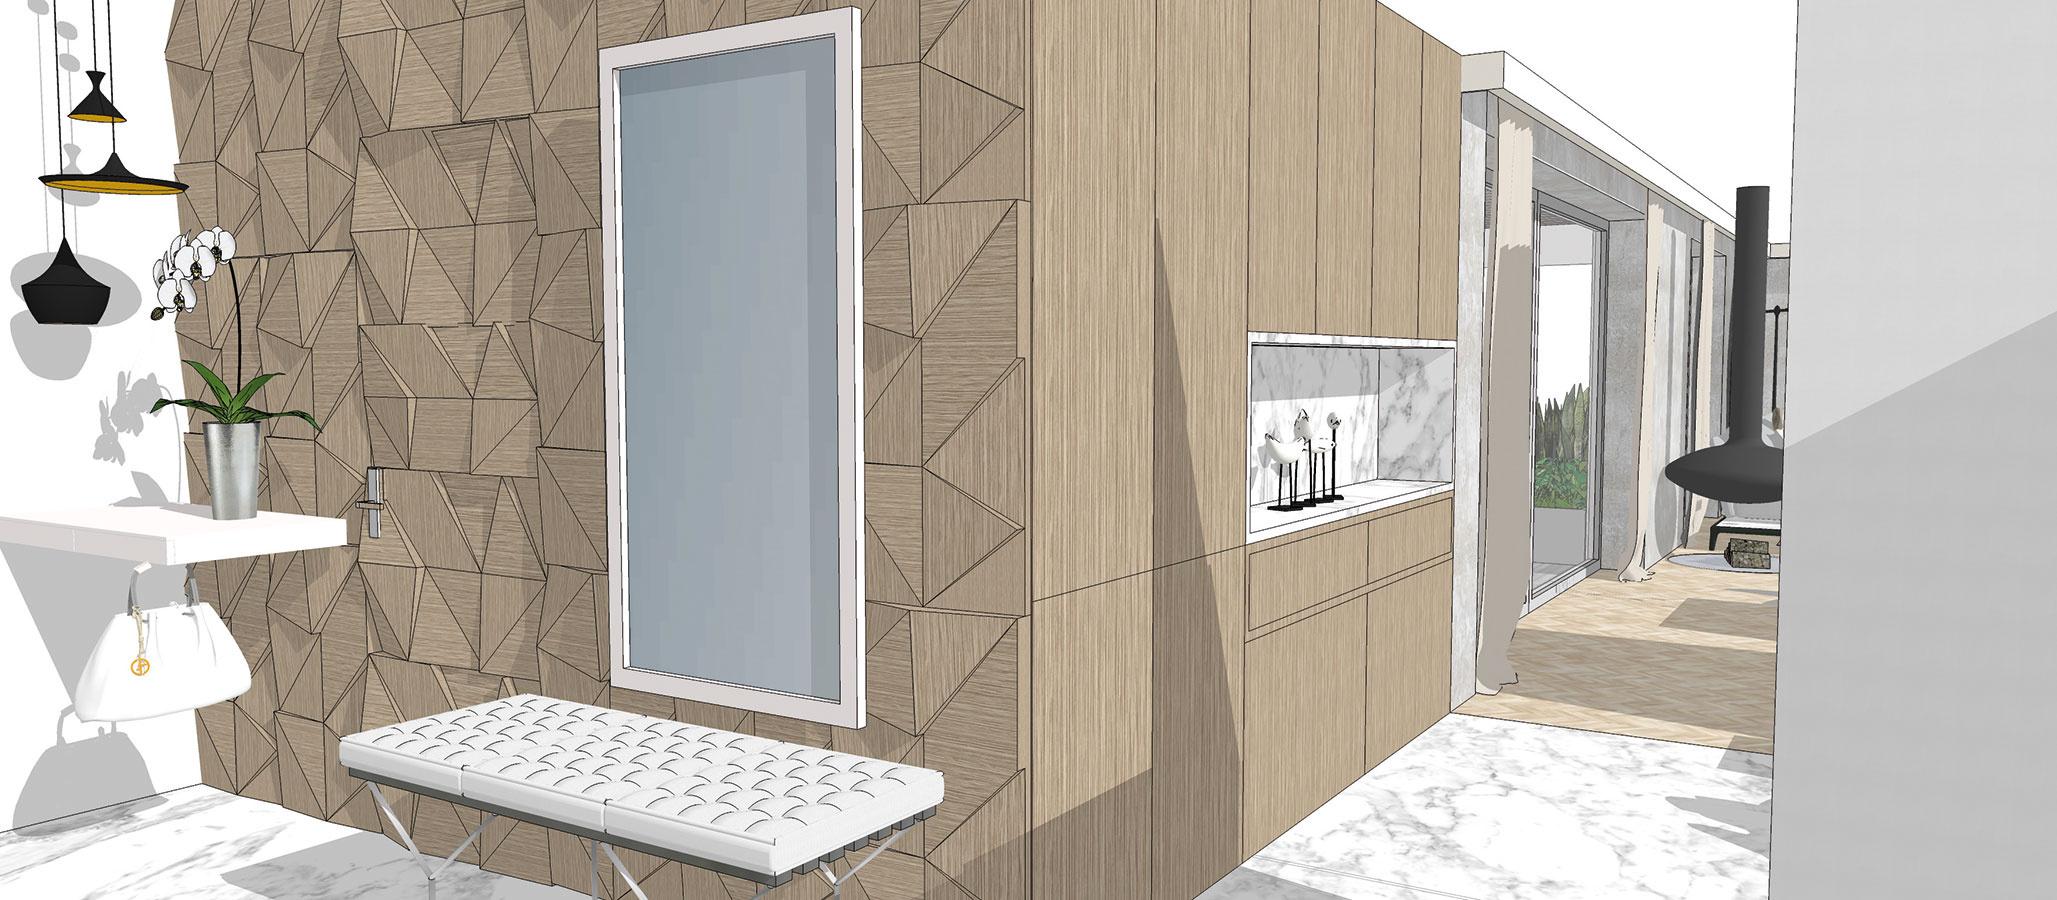 Tradičný náter stien alebo vsúčasnosti čoraz populárnejšie tapety môžete nahradiť napríklad plastickým obkladom. Ak ho použite aj na dvere, priestor opticky zjednotíte (študentská práca).